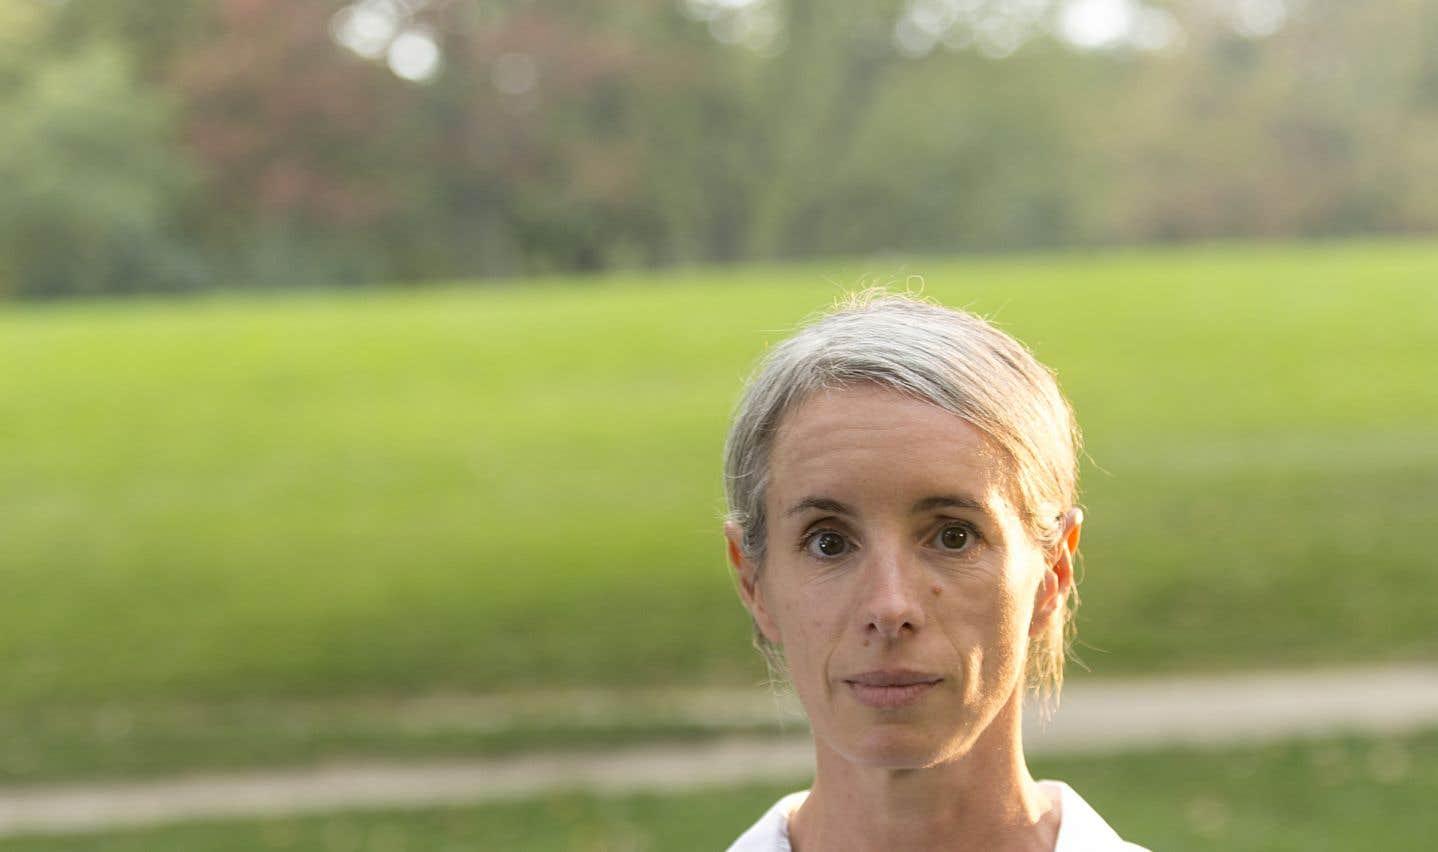 L'équipée d'un incapable, selon Julie Mazzieri